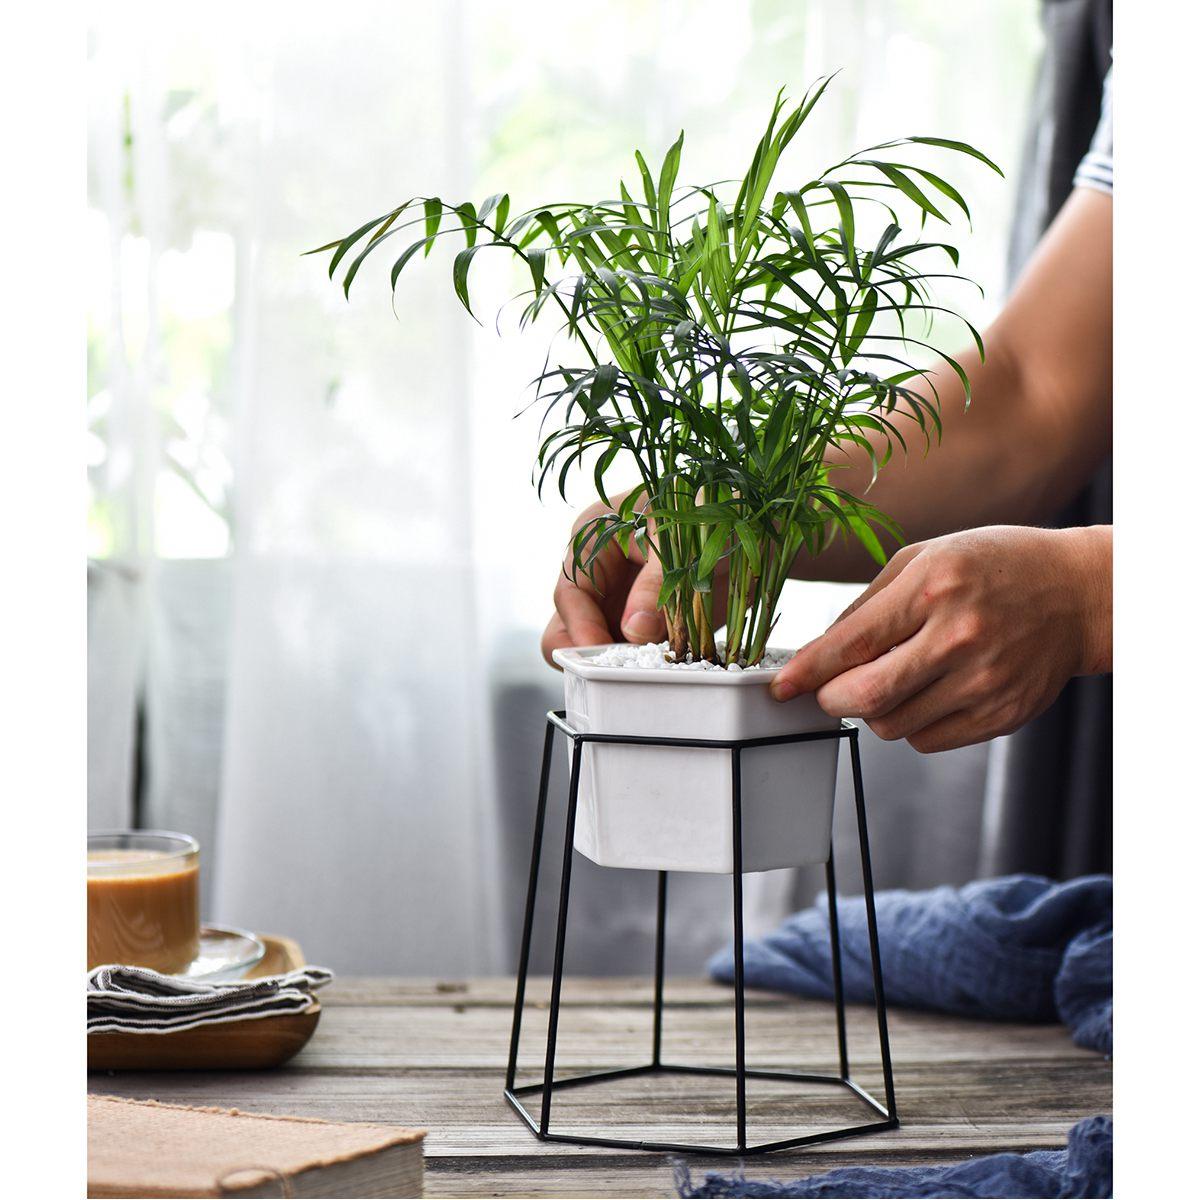 Planter Pots Indoor Hexagon Modern Garden Ceramic Round Bowl With